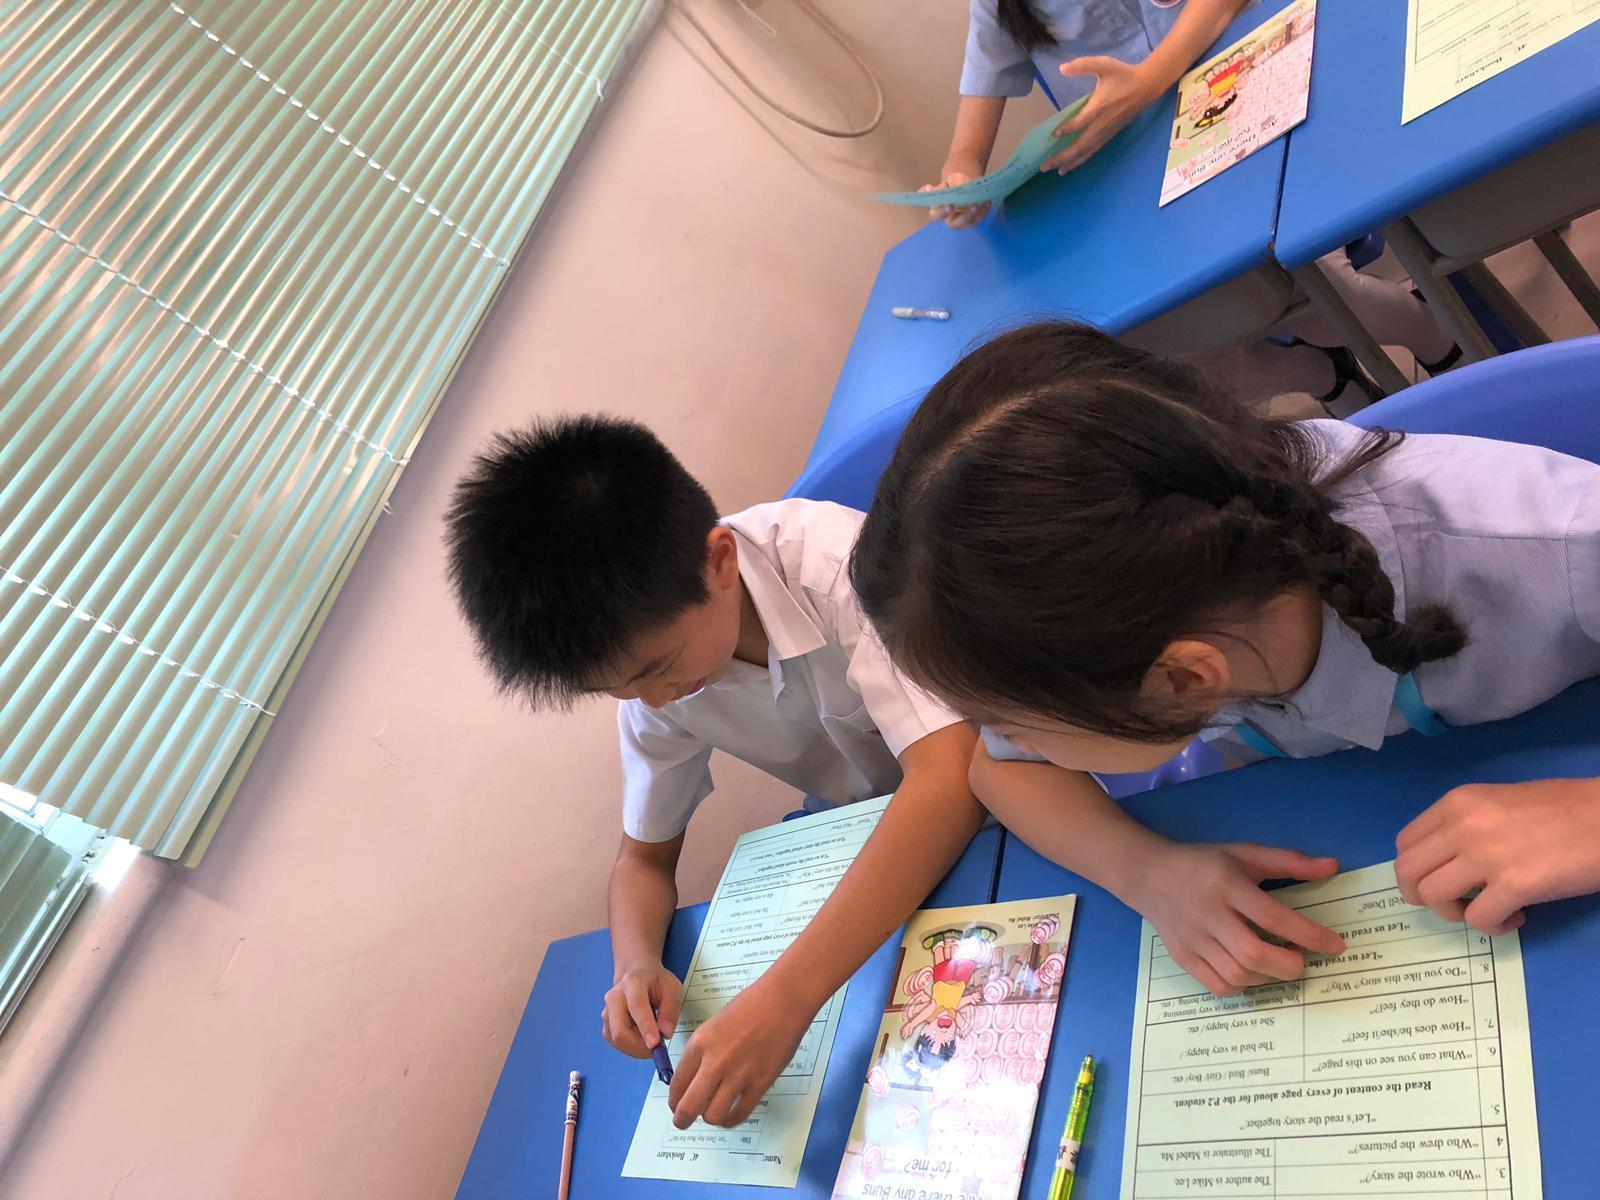 http://www.keiwan.edu.hk/sites/default/files/52_1.jpg